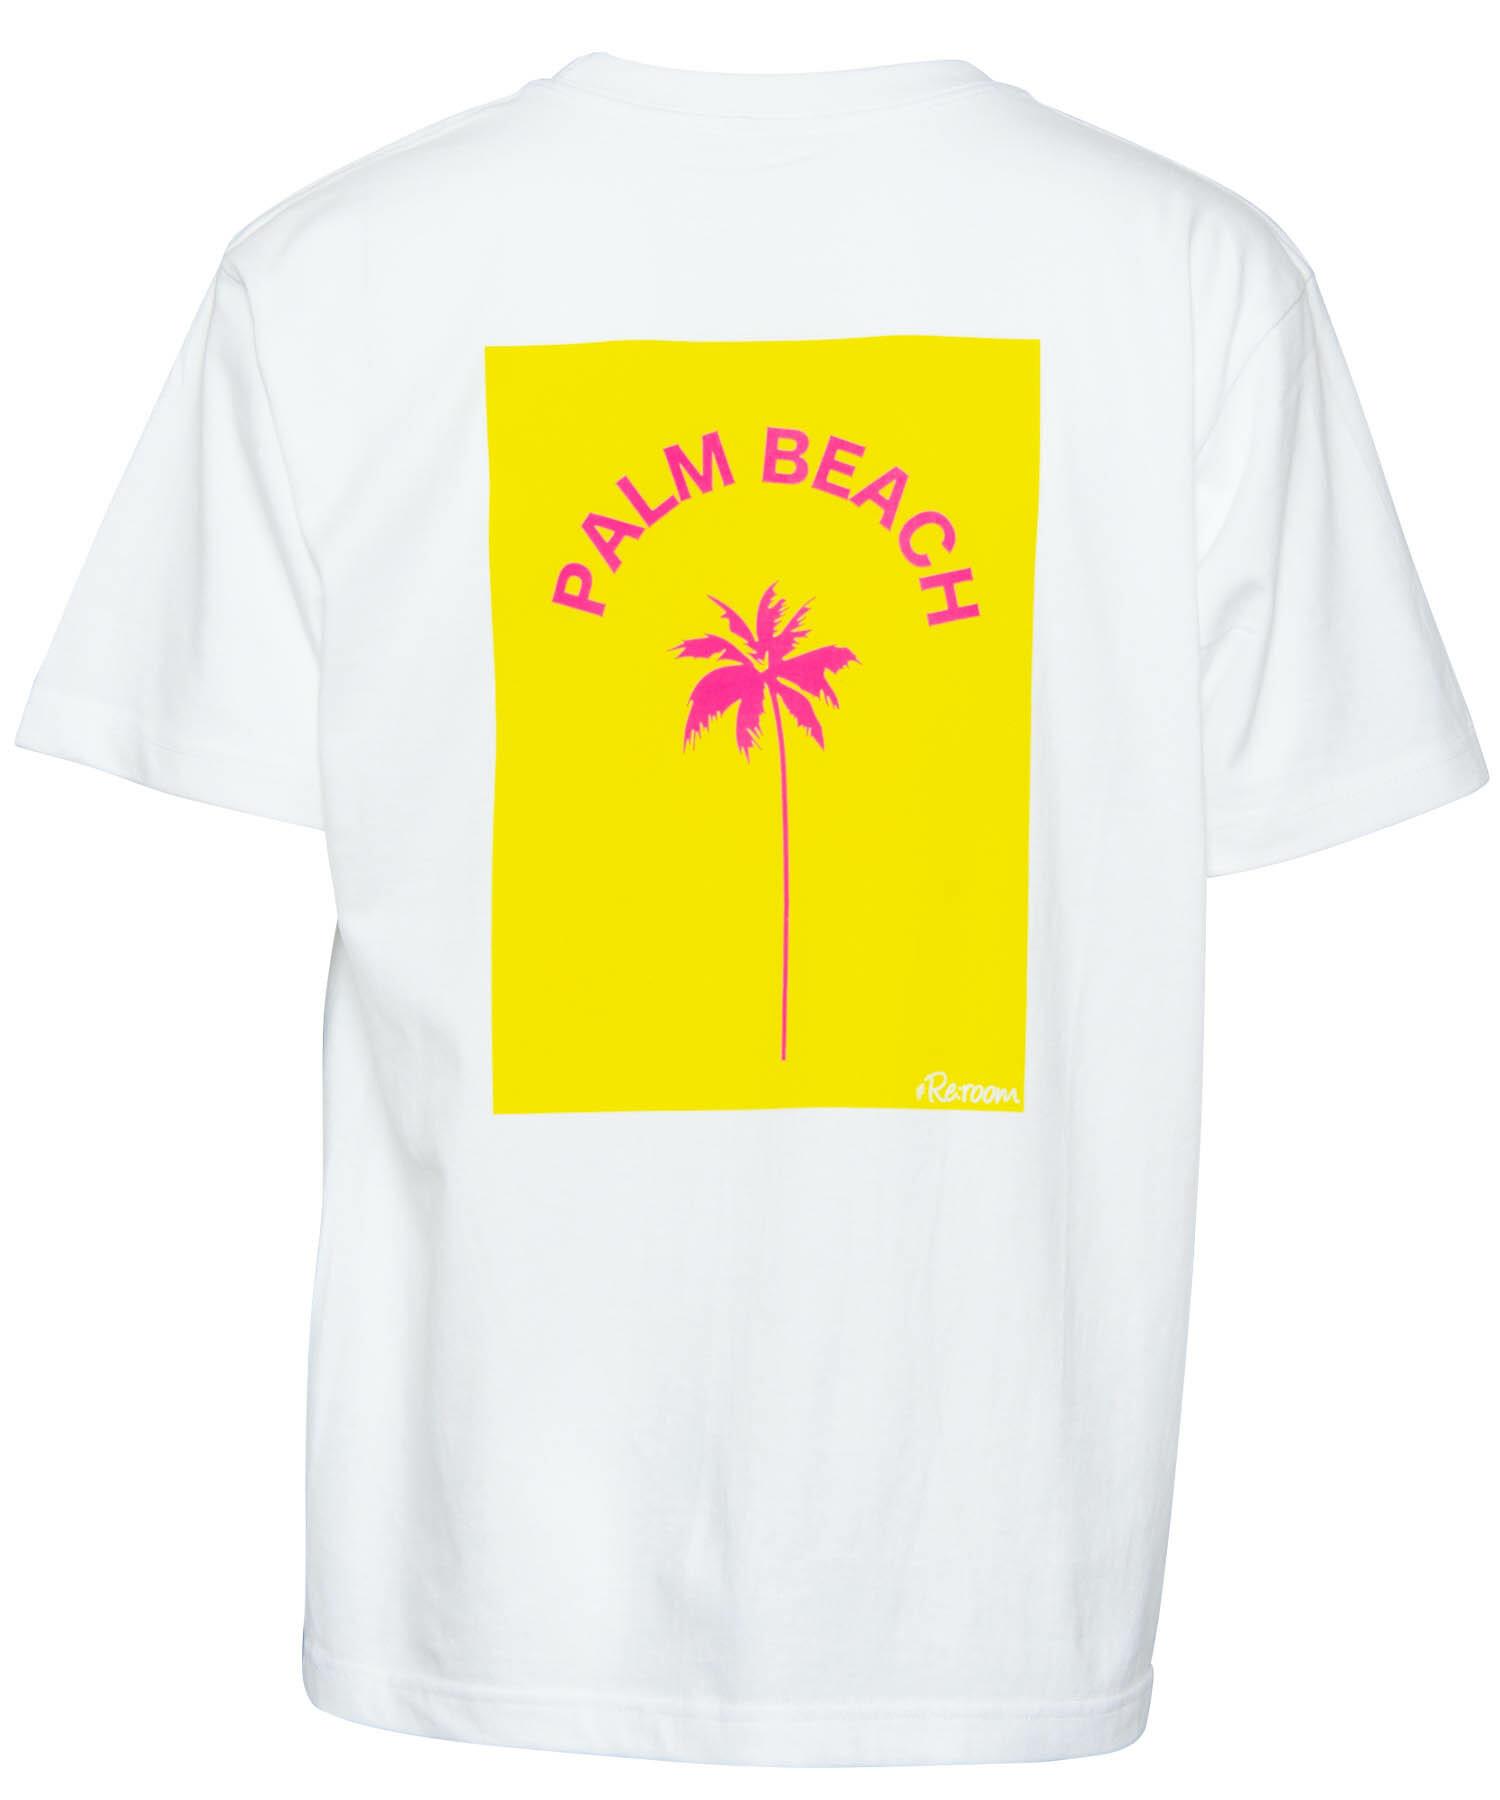 PALM BEACH PRINT T-shirt[REC290]